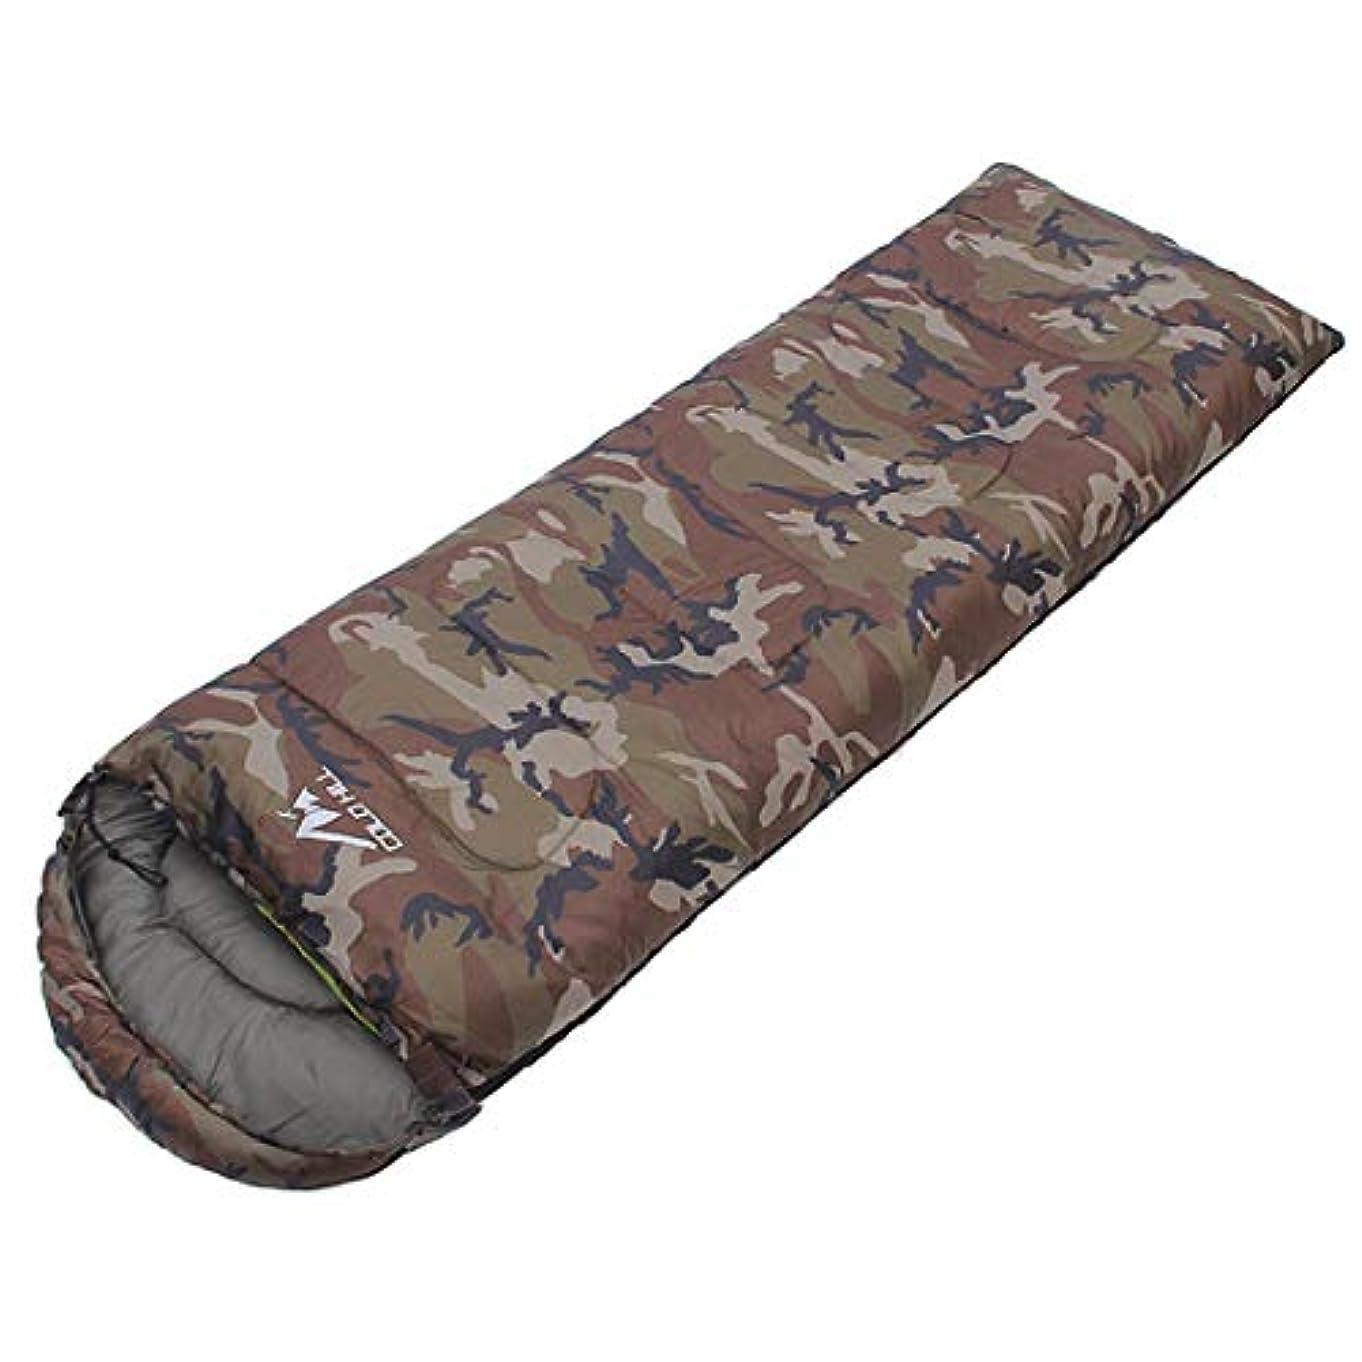 ファシズムイチゴジェムNunulu 単身者キャンプ用寝袋軽量で暖かい通気性の理想的なキャンプギア (サイズ : 75cm)